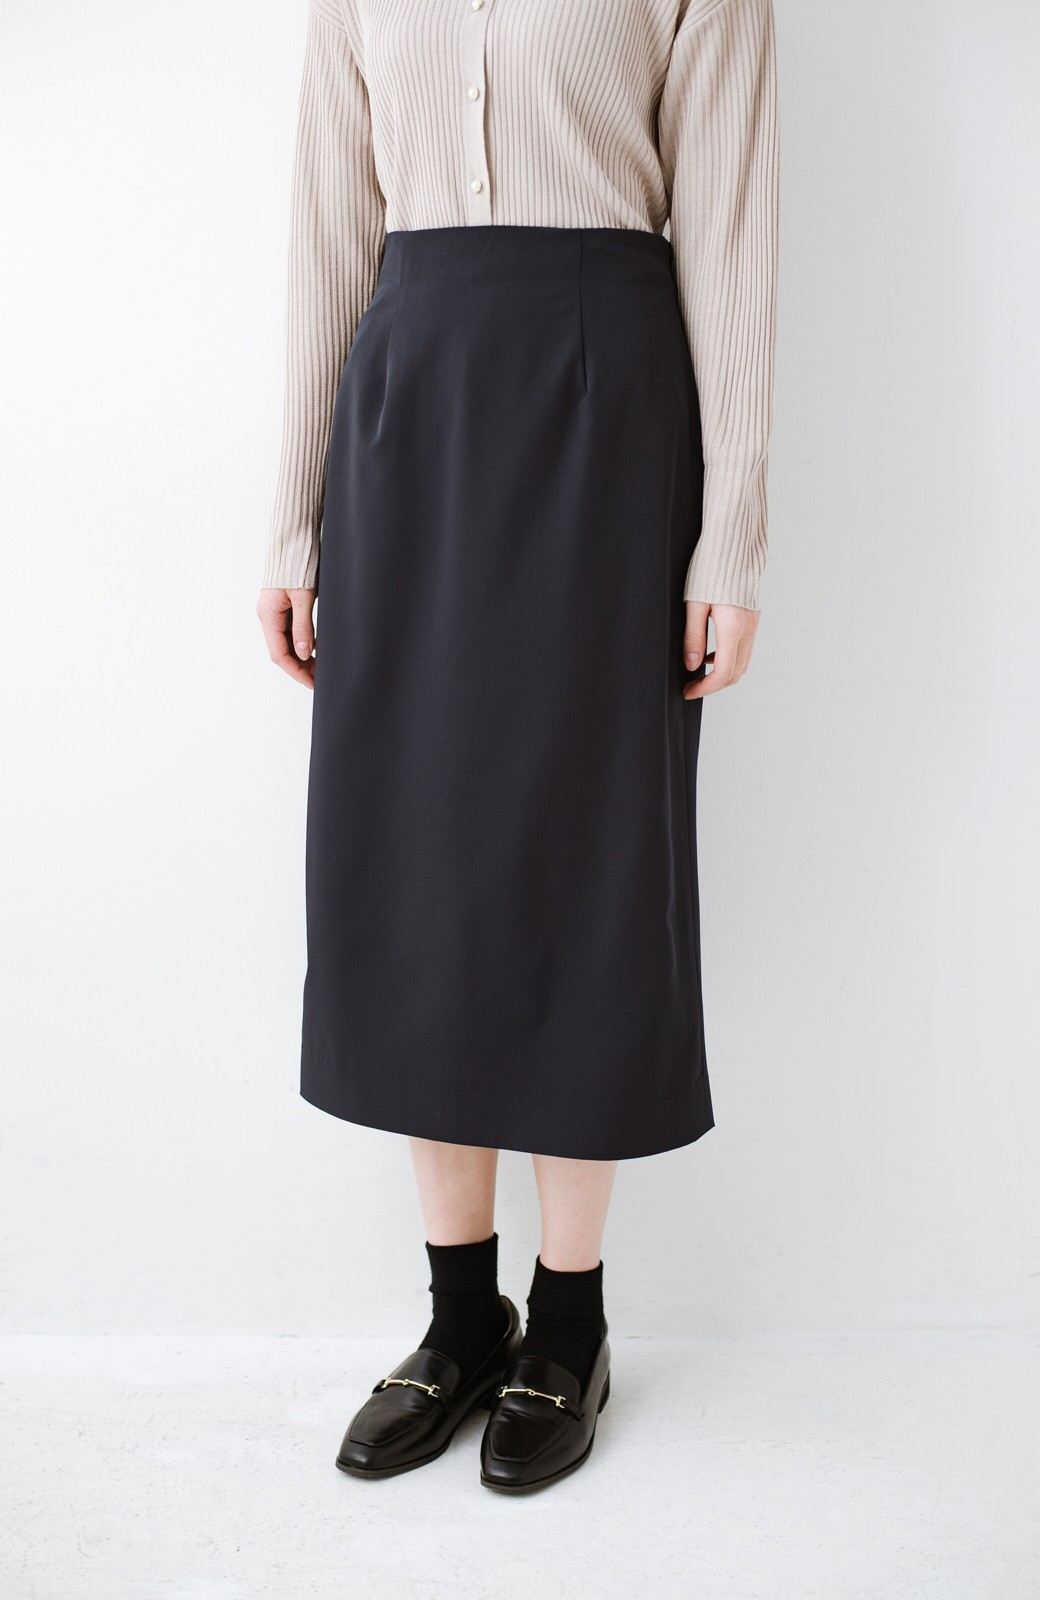 haco! 真面目すぎずにきちんと見えする サスペンダー付きタイトスカート by que made me <ネイビー>の商品写真16